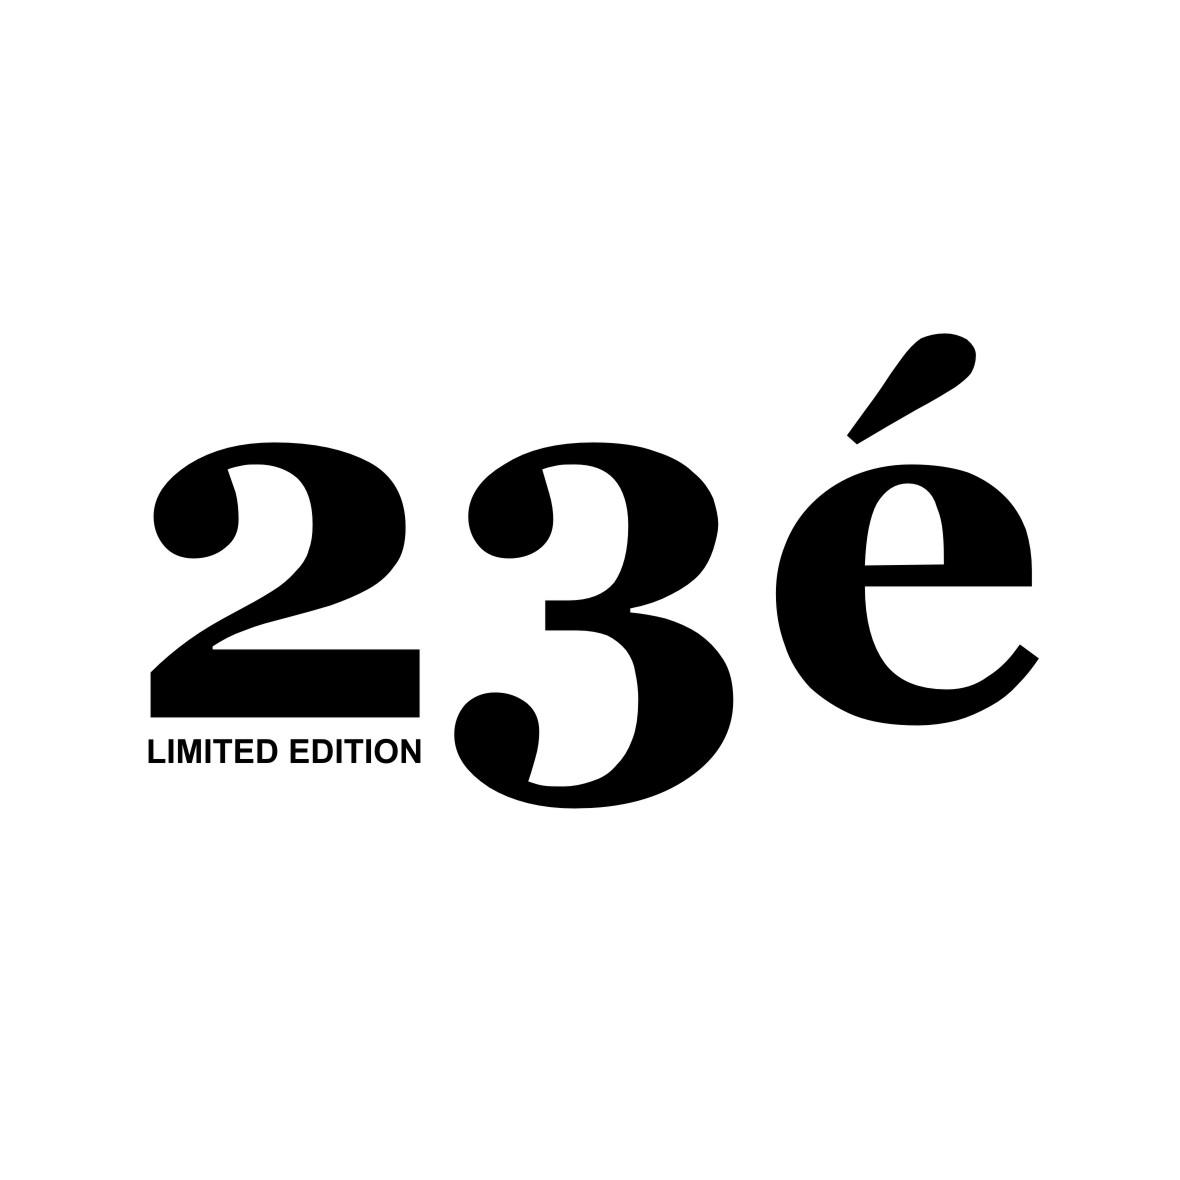 23é Limited Editiom